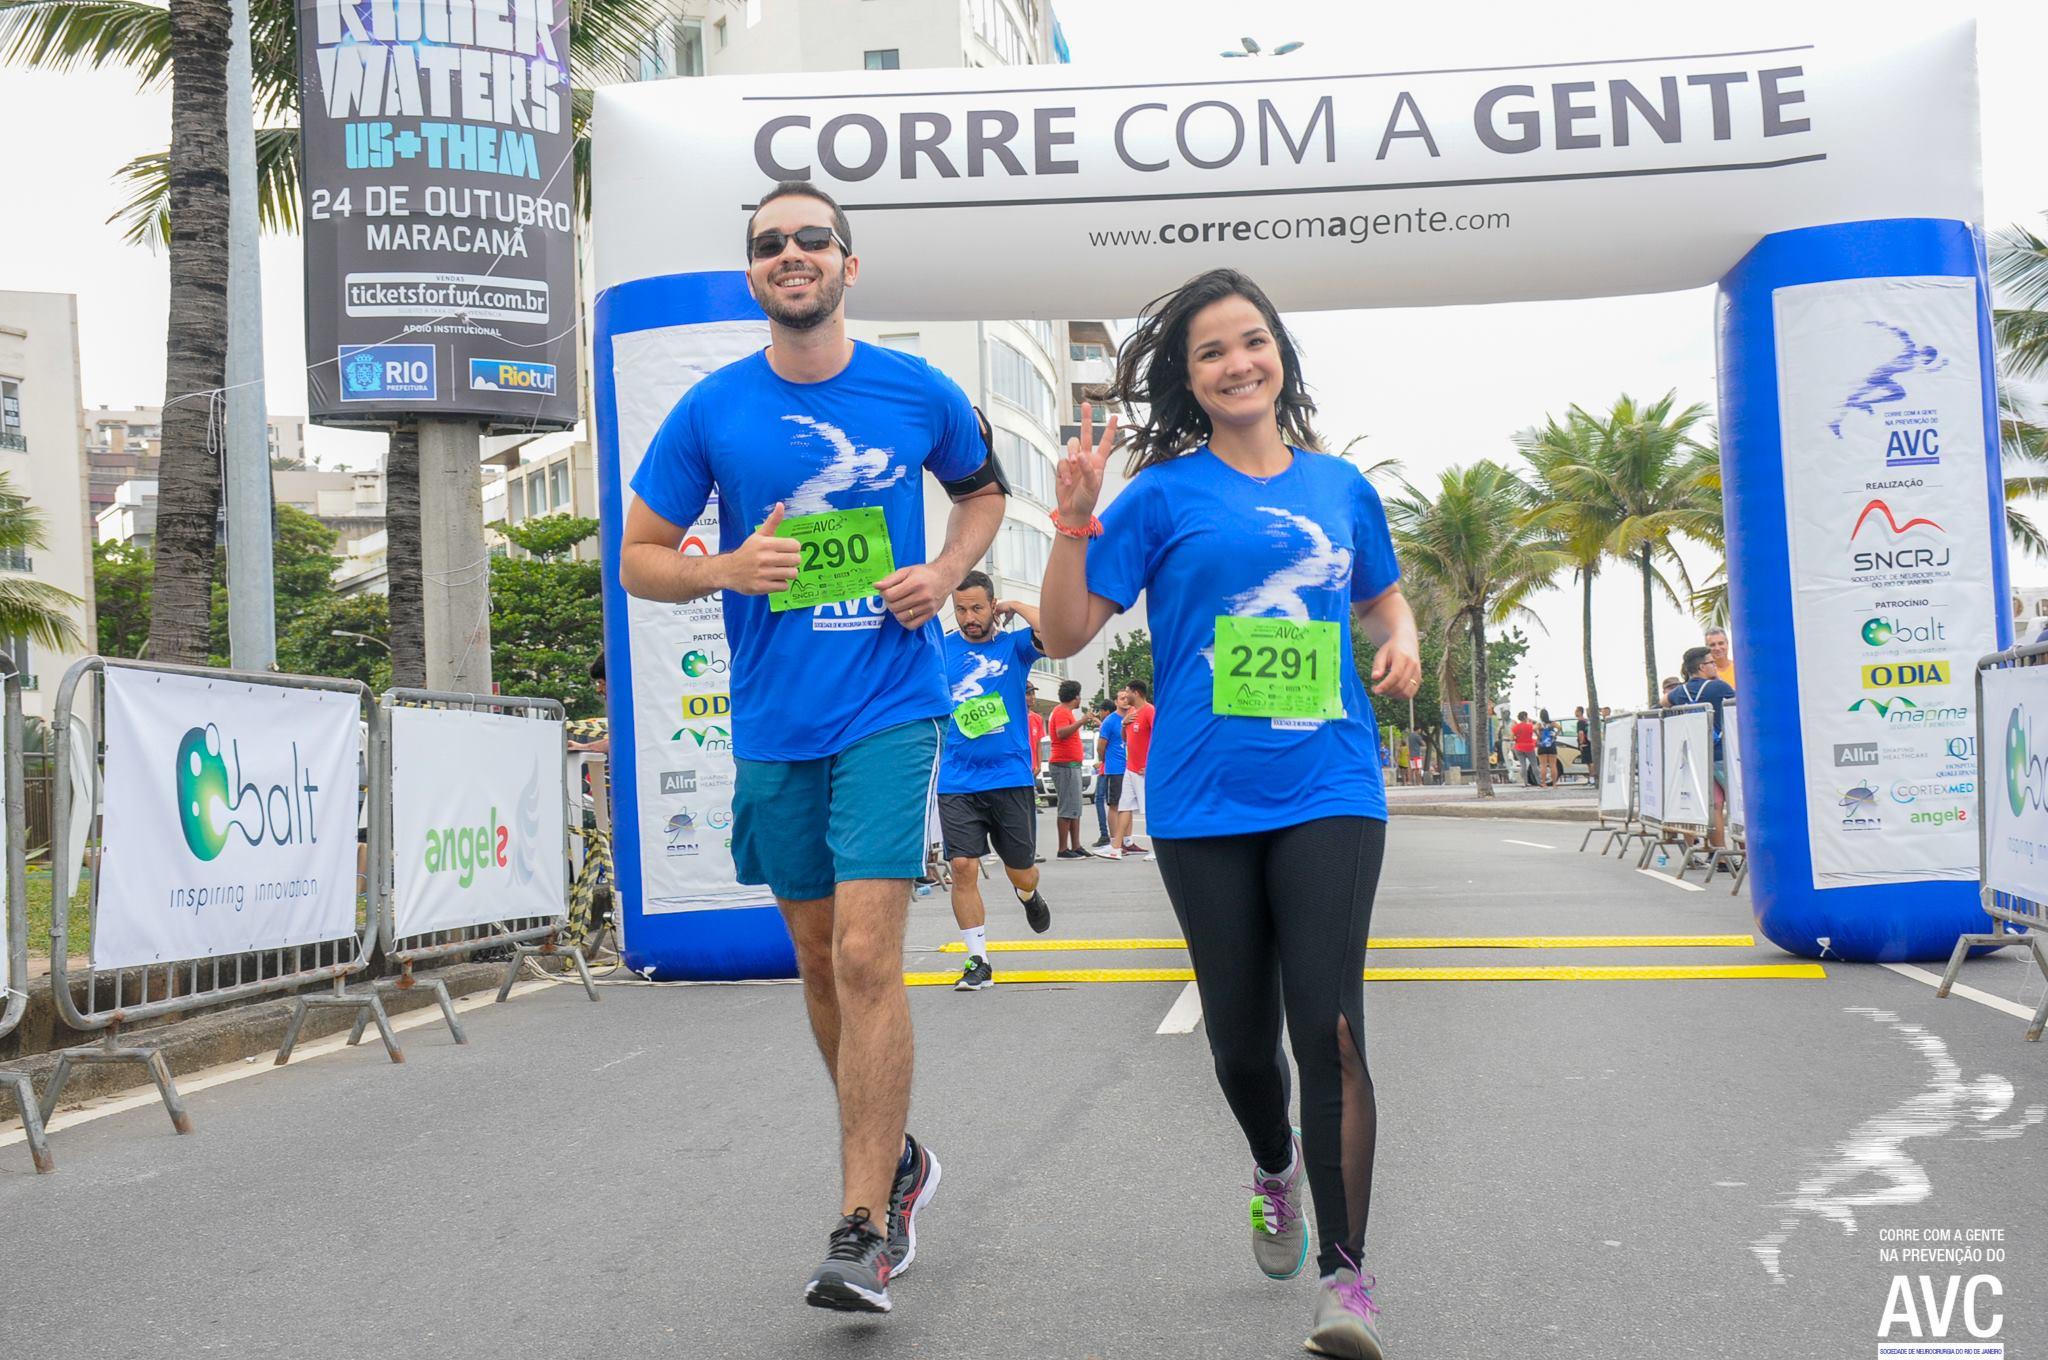 Corre com a gente